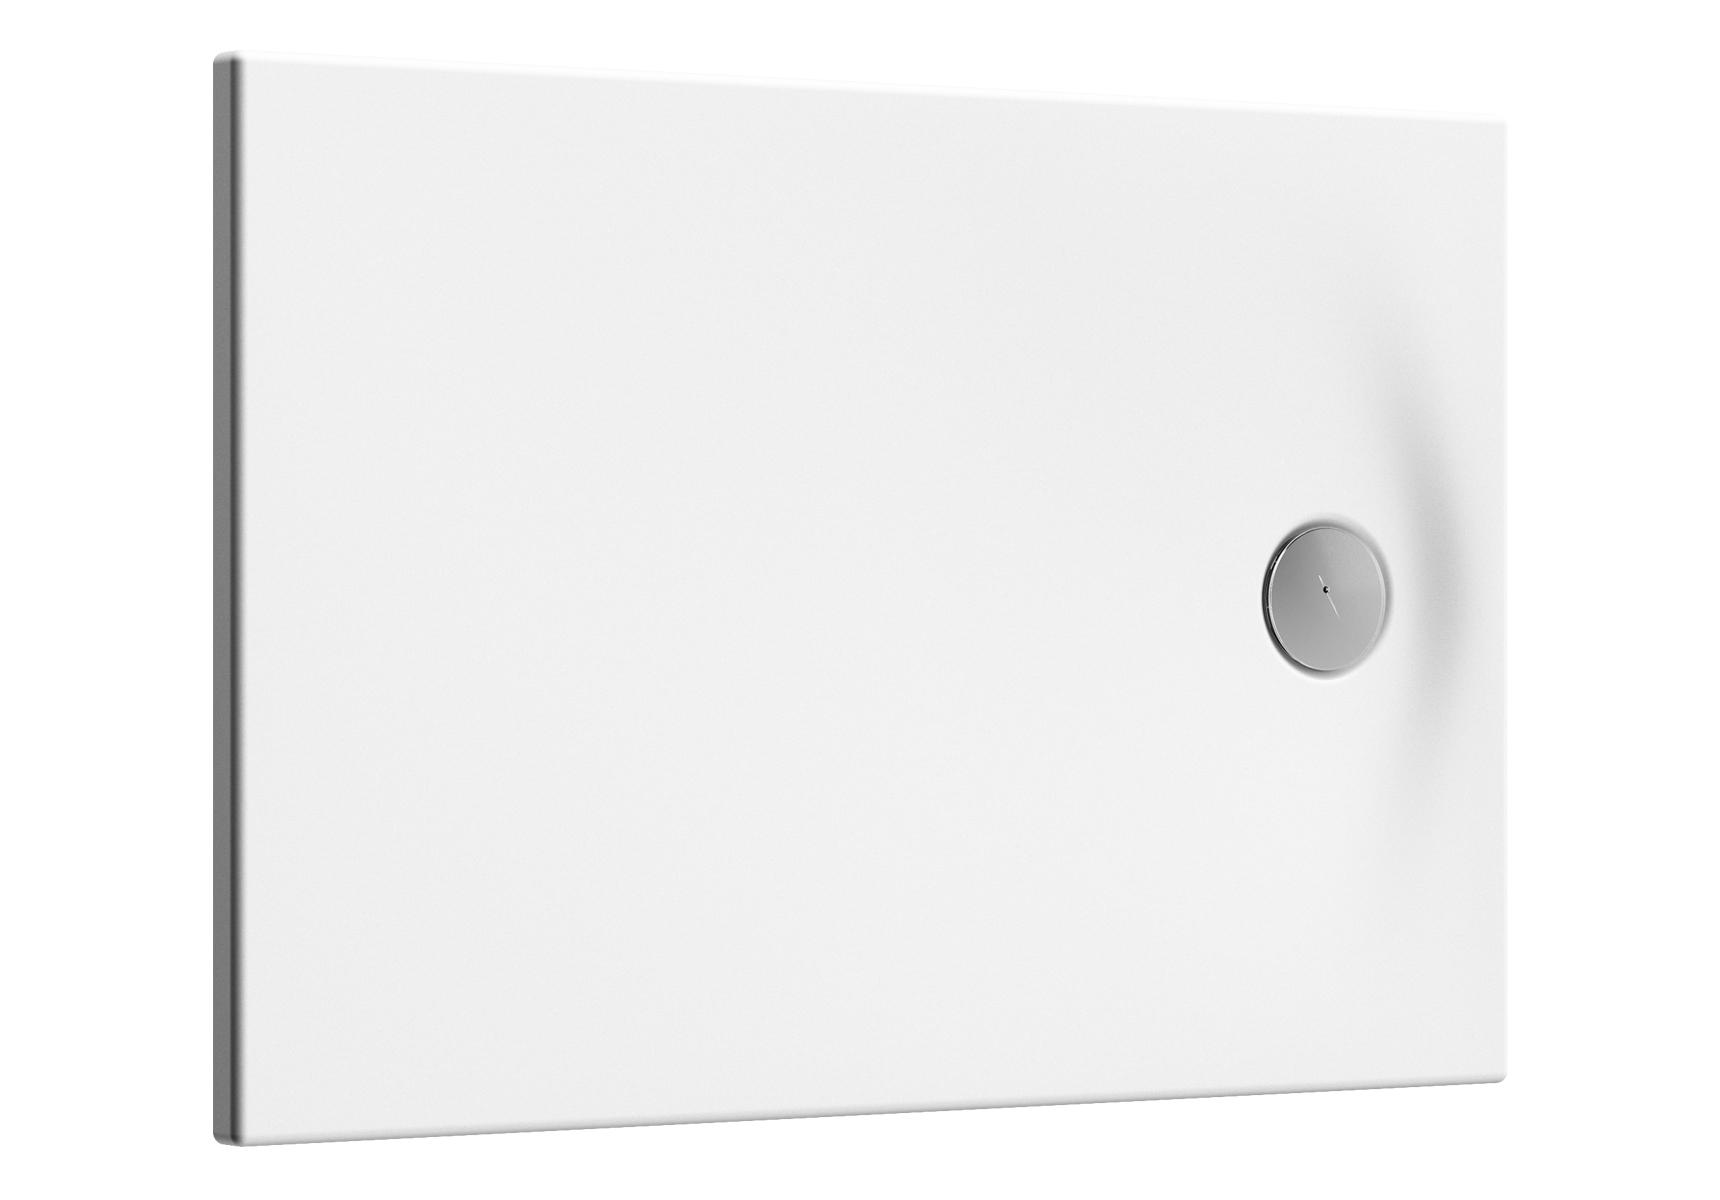 Smooth receveur ultra plat en acrylique, 3,2 mm, à encastrer ou à poser, rectangulaire, 140  x  70 cm